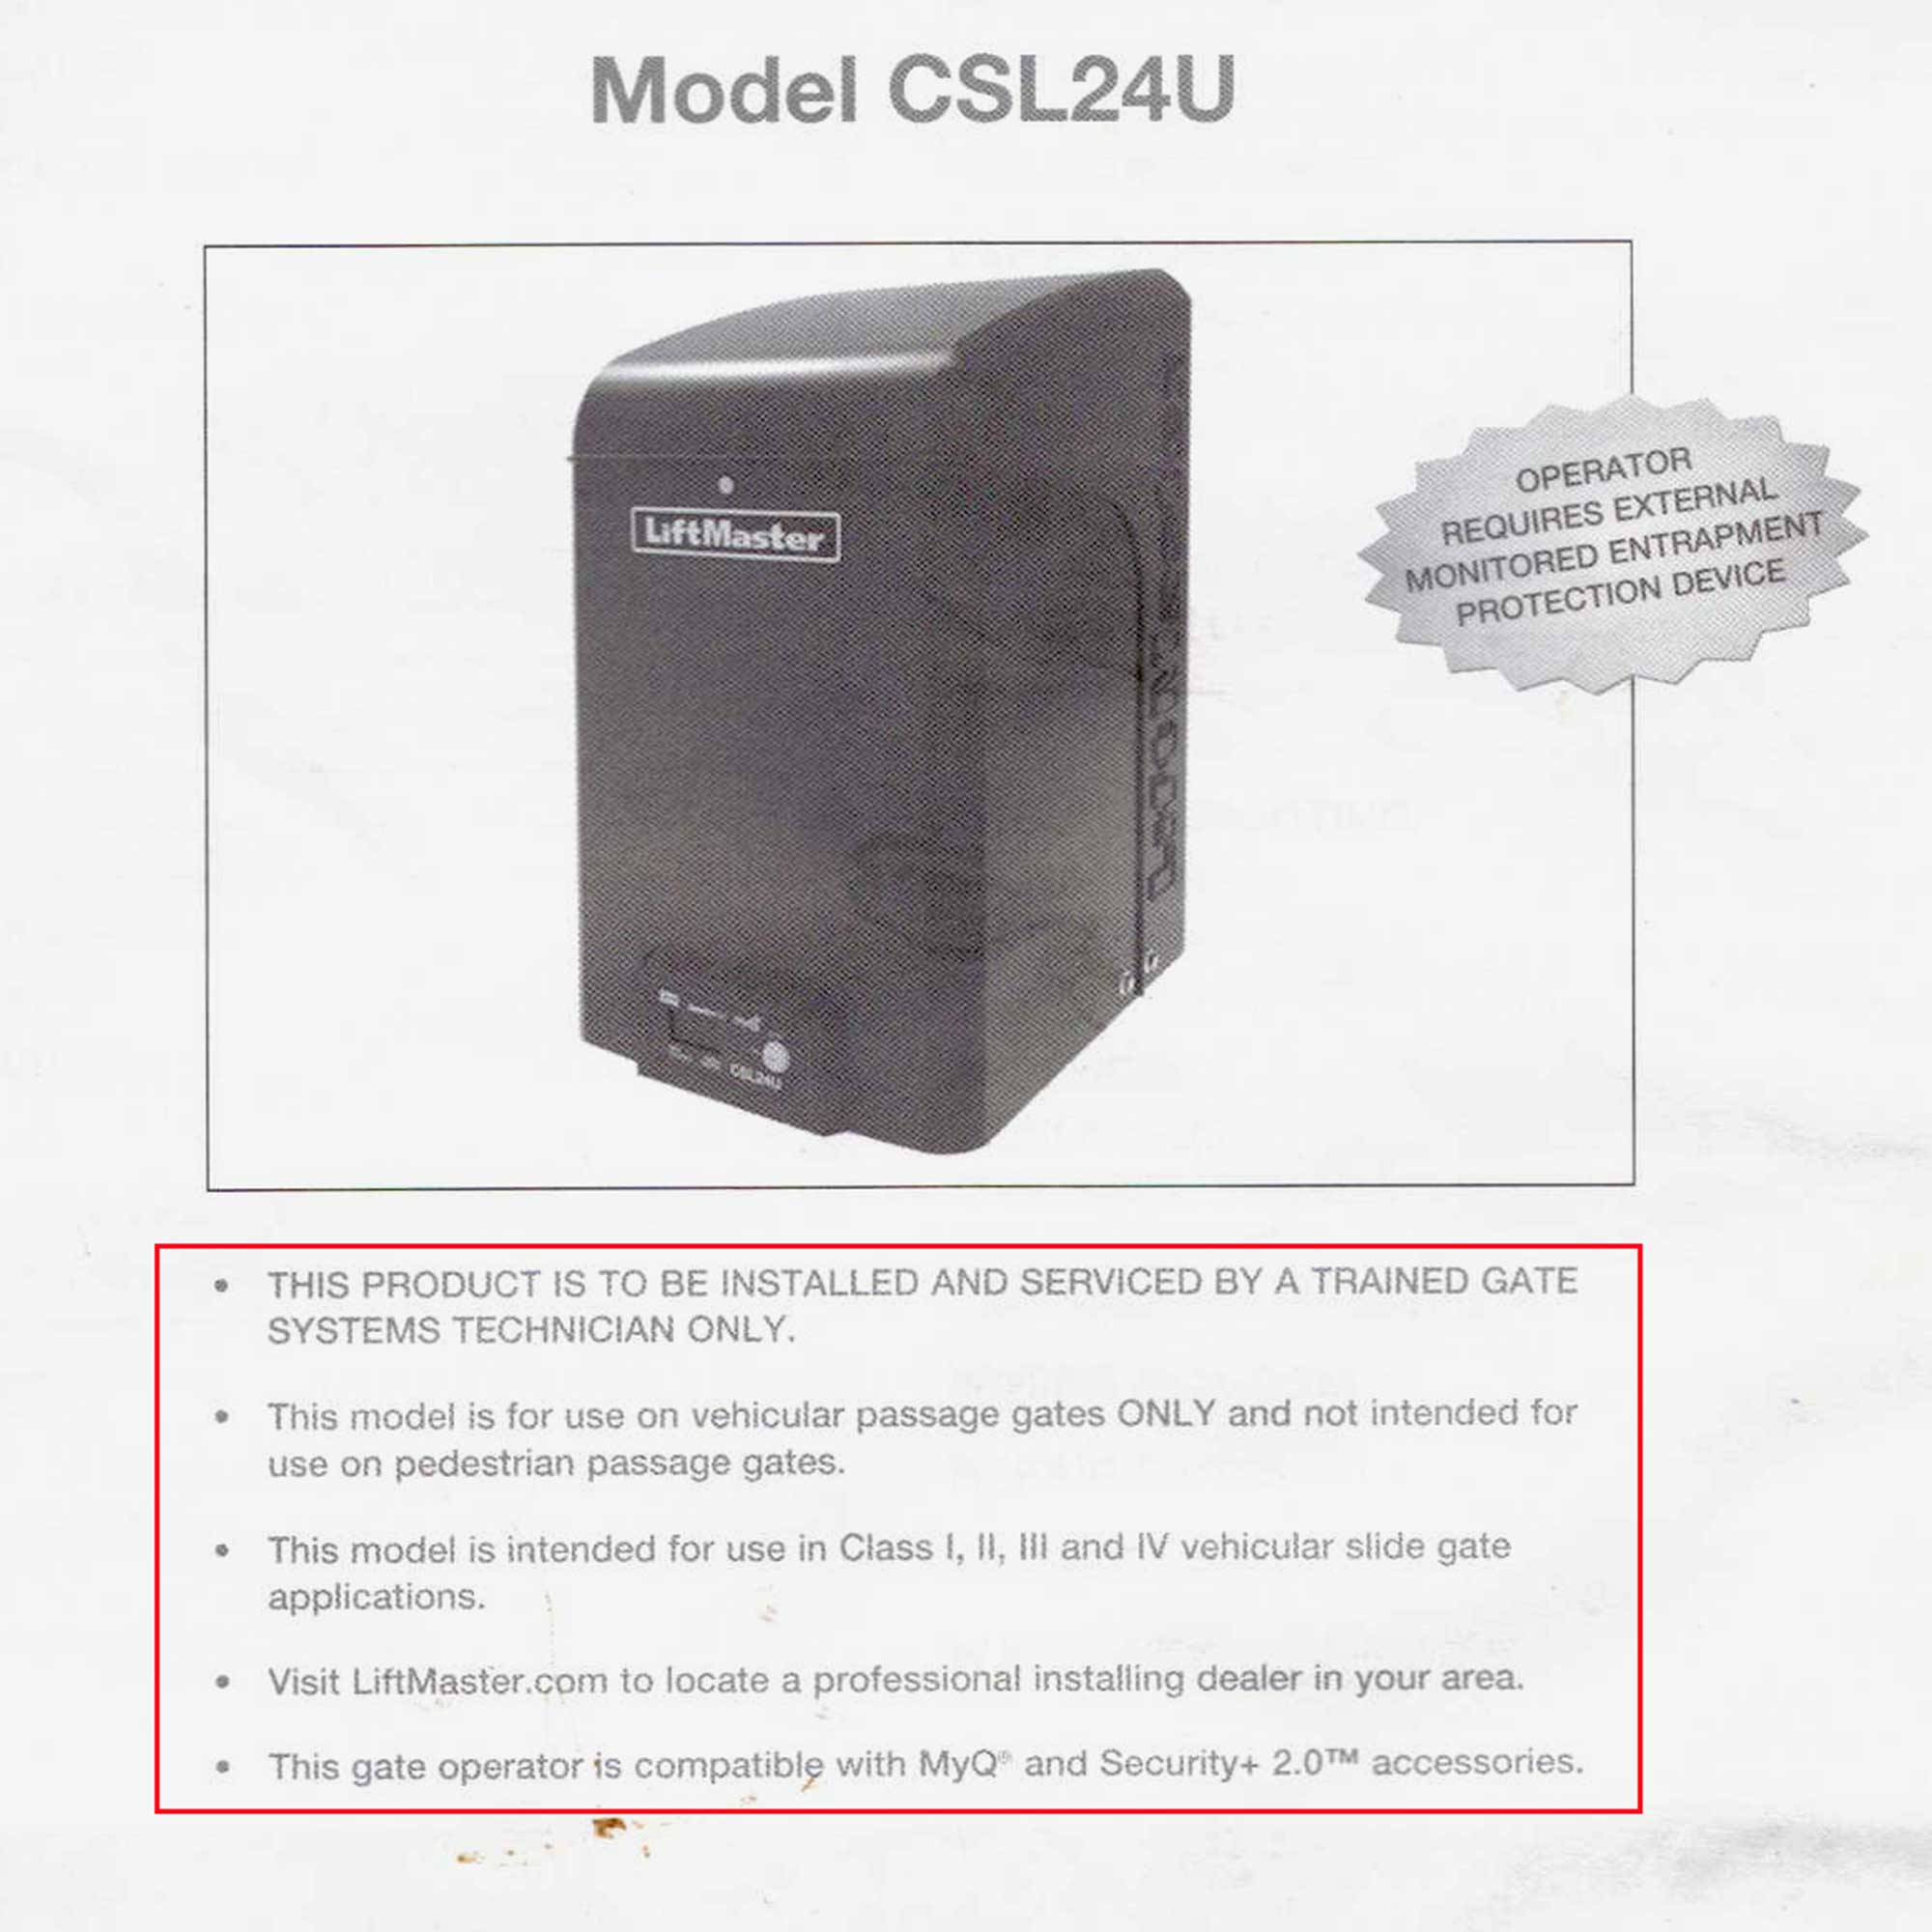 Our Massive LiftMaster CSL24U Debacle | Obliviots